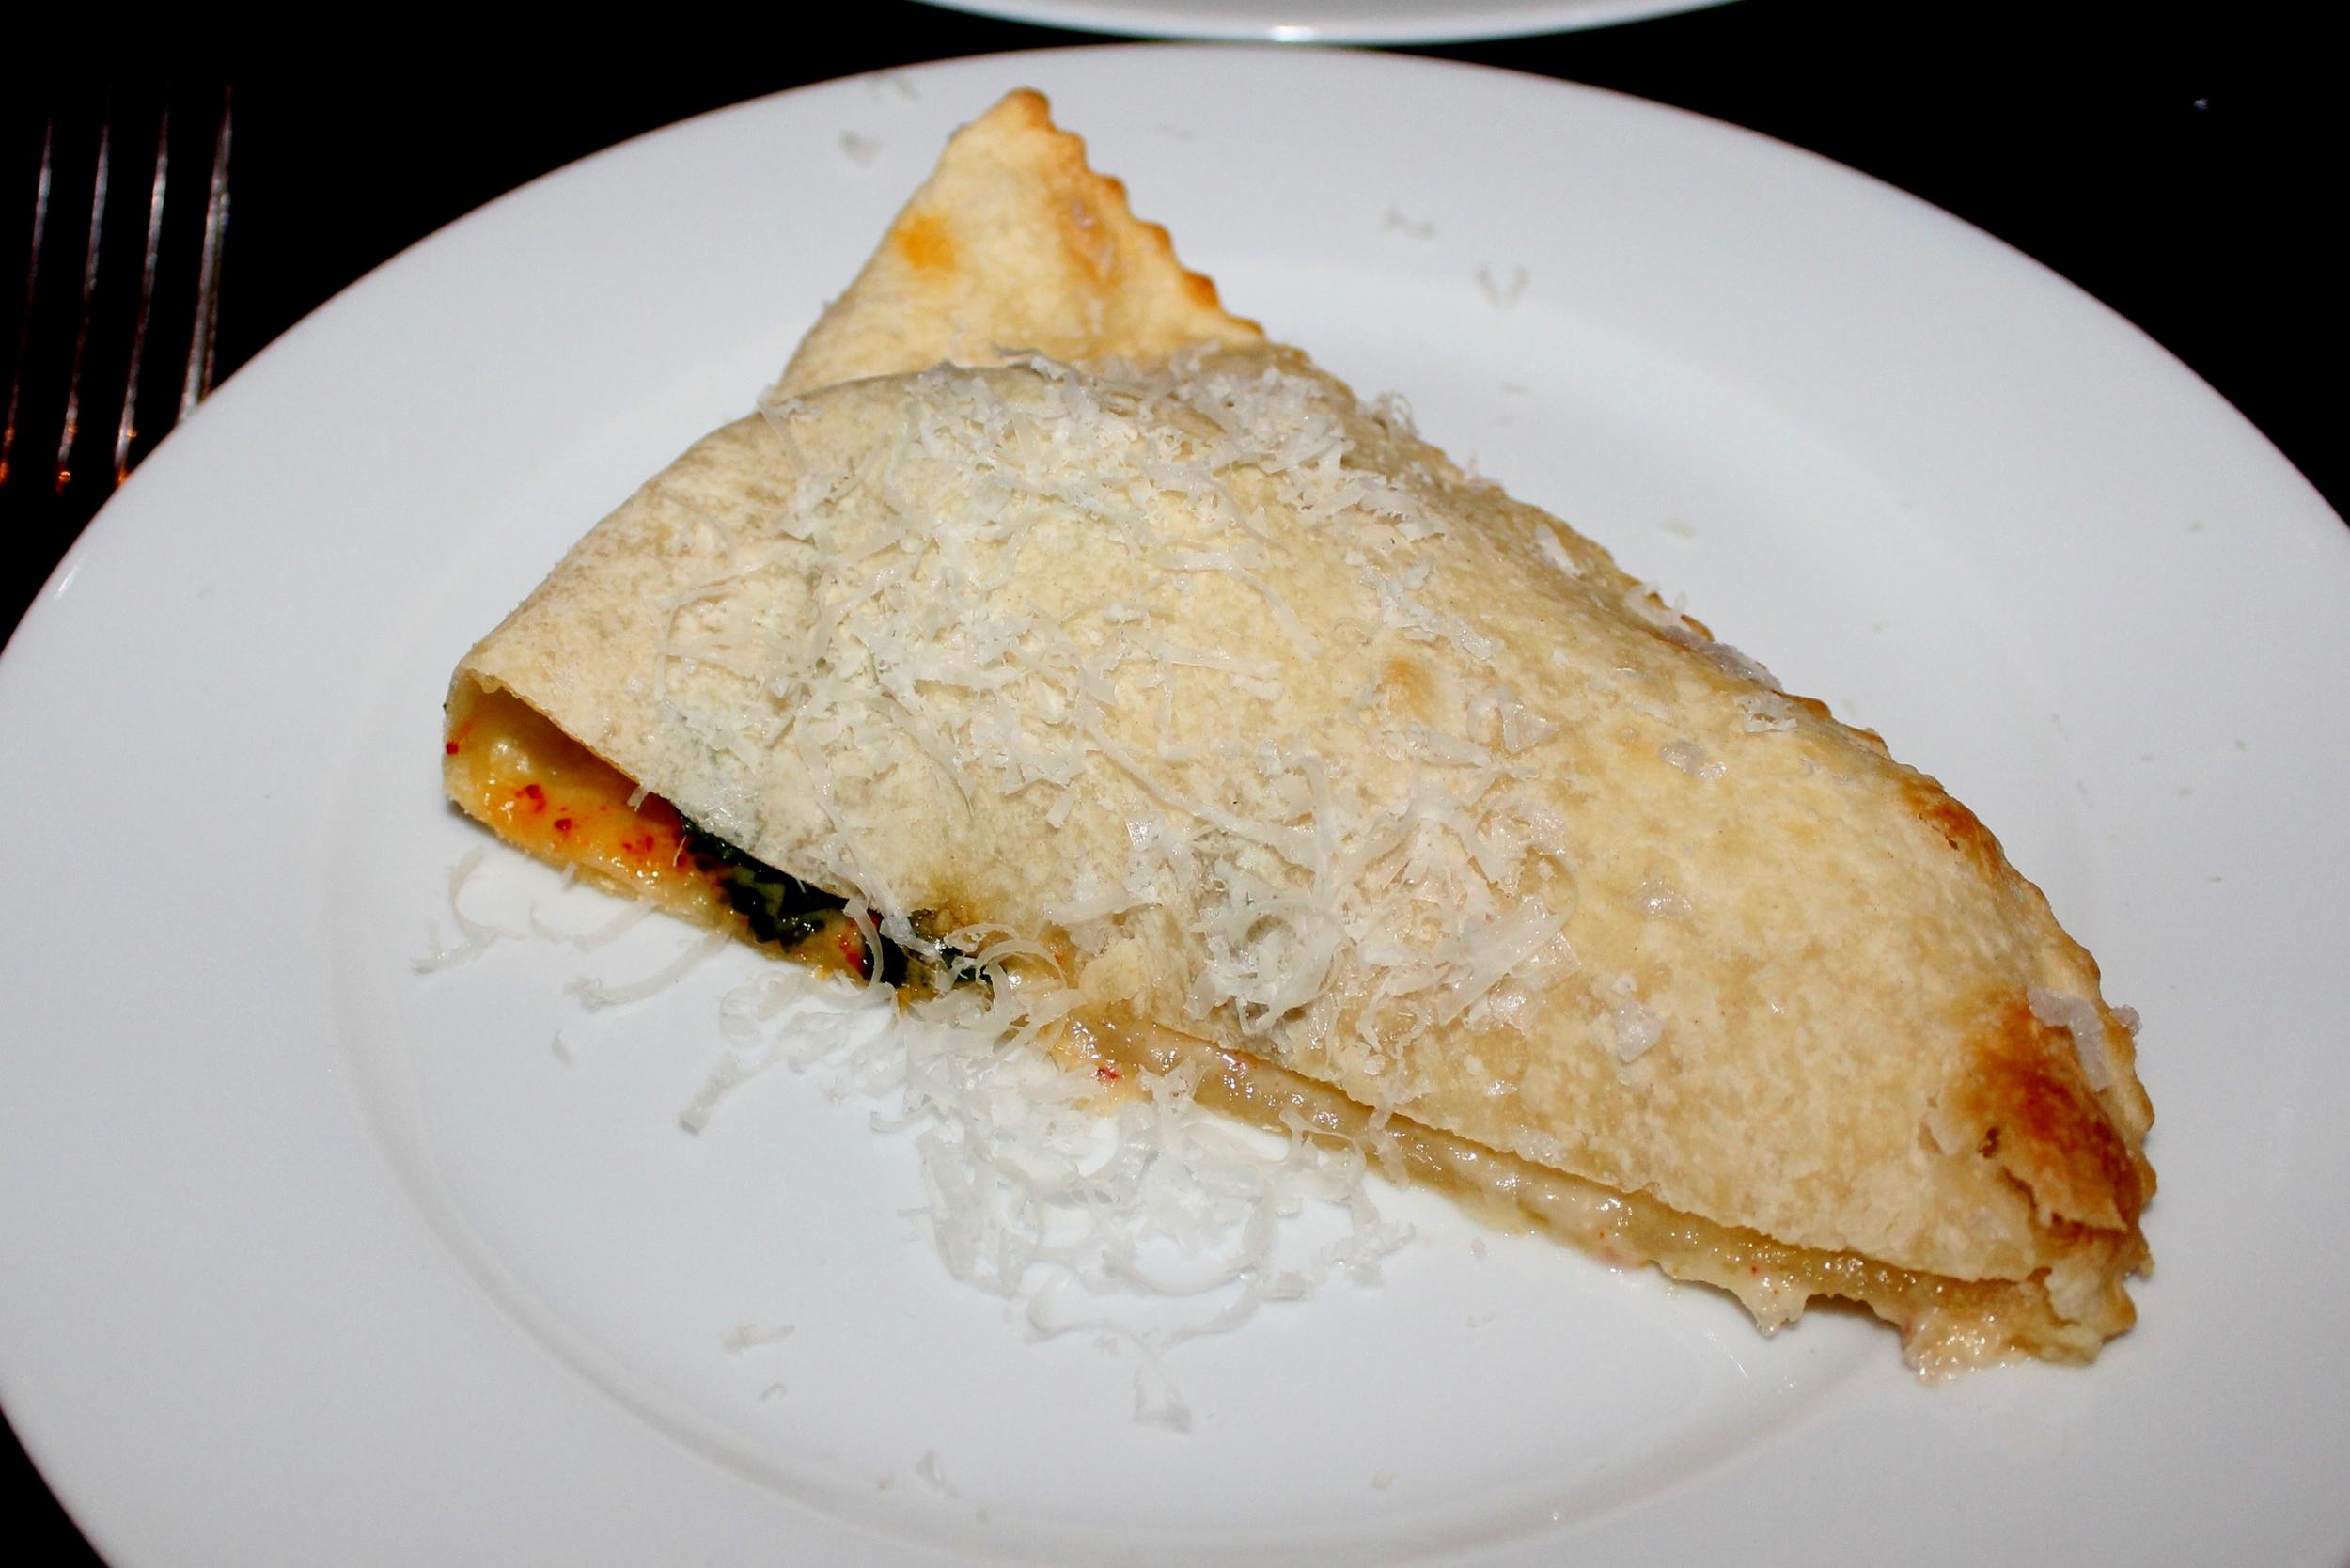 Foccacia di Recco stuffed with stracchino cheese and ramps